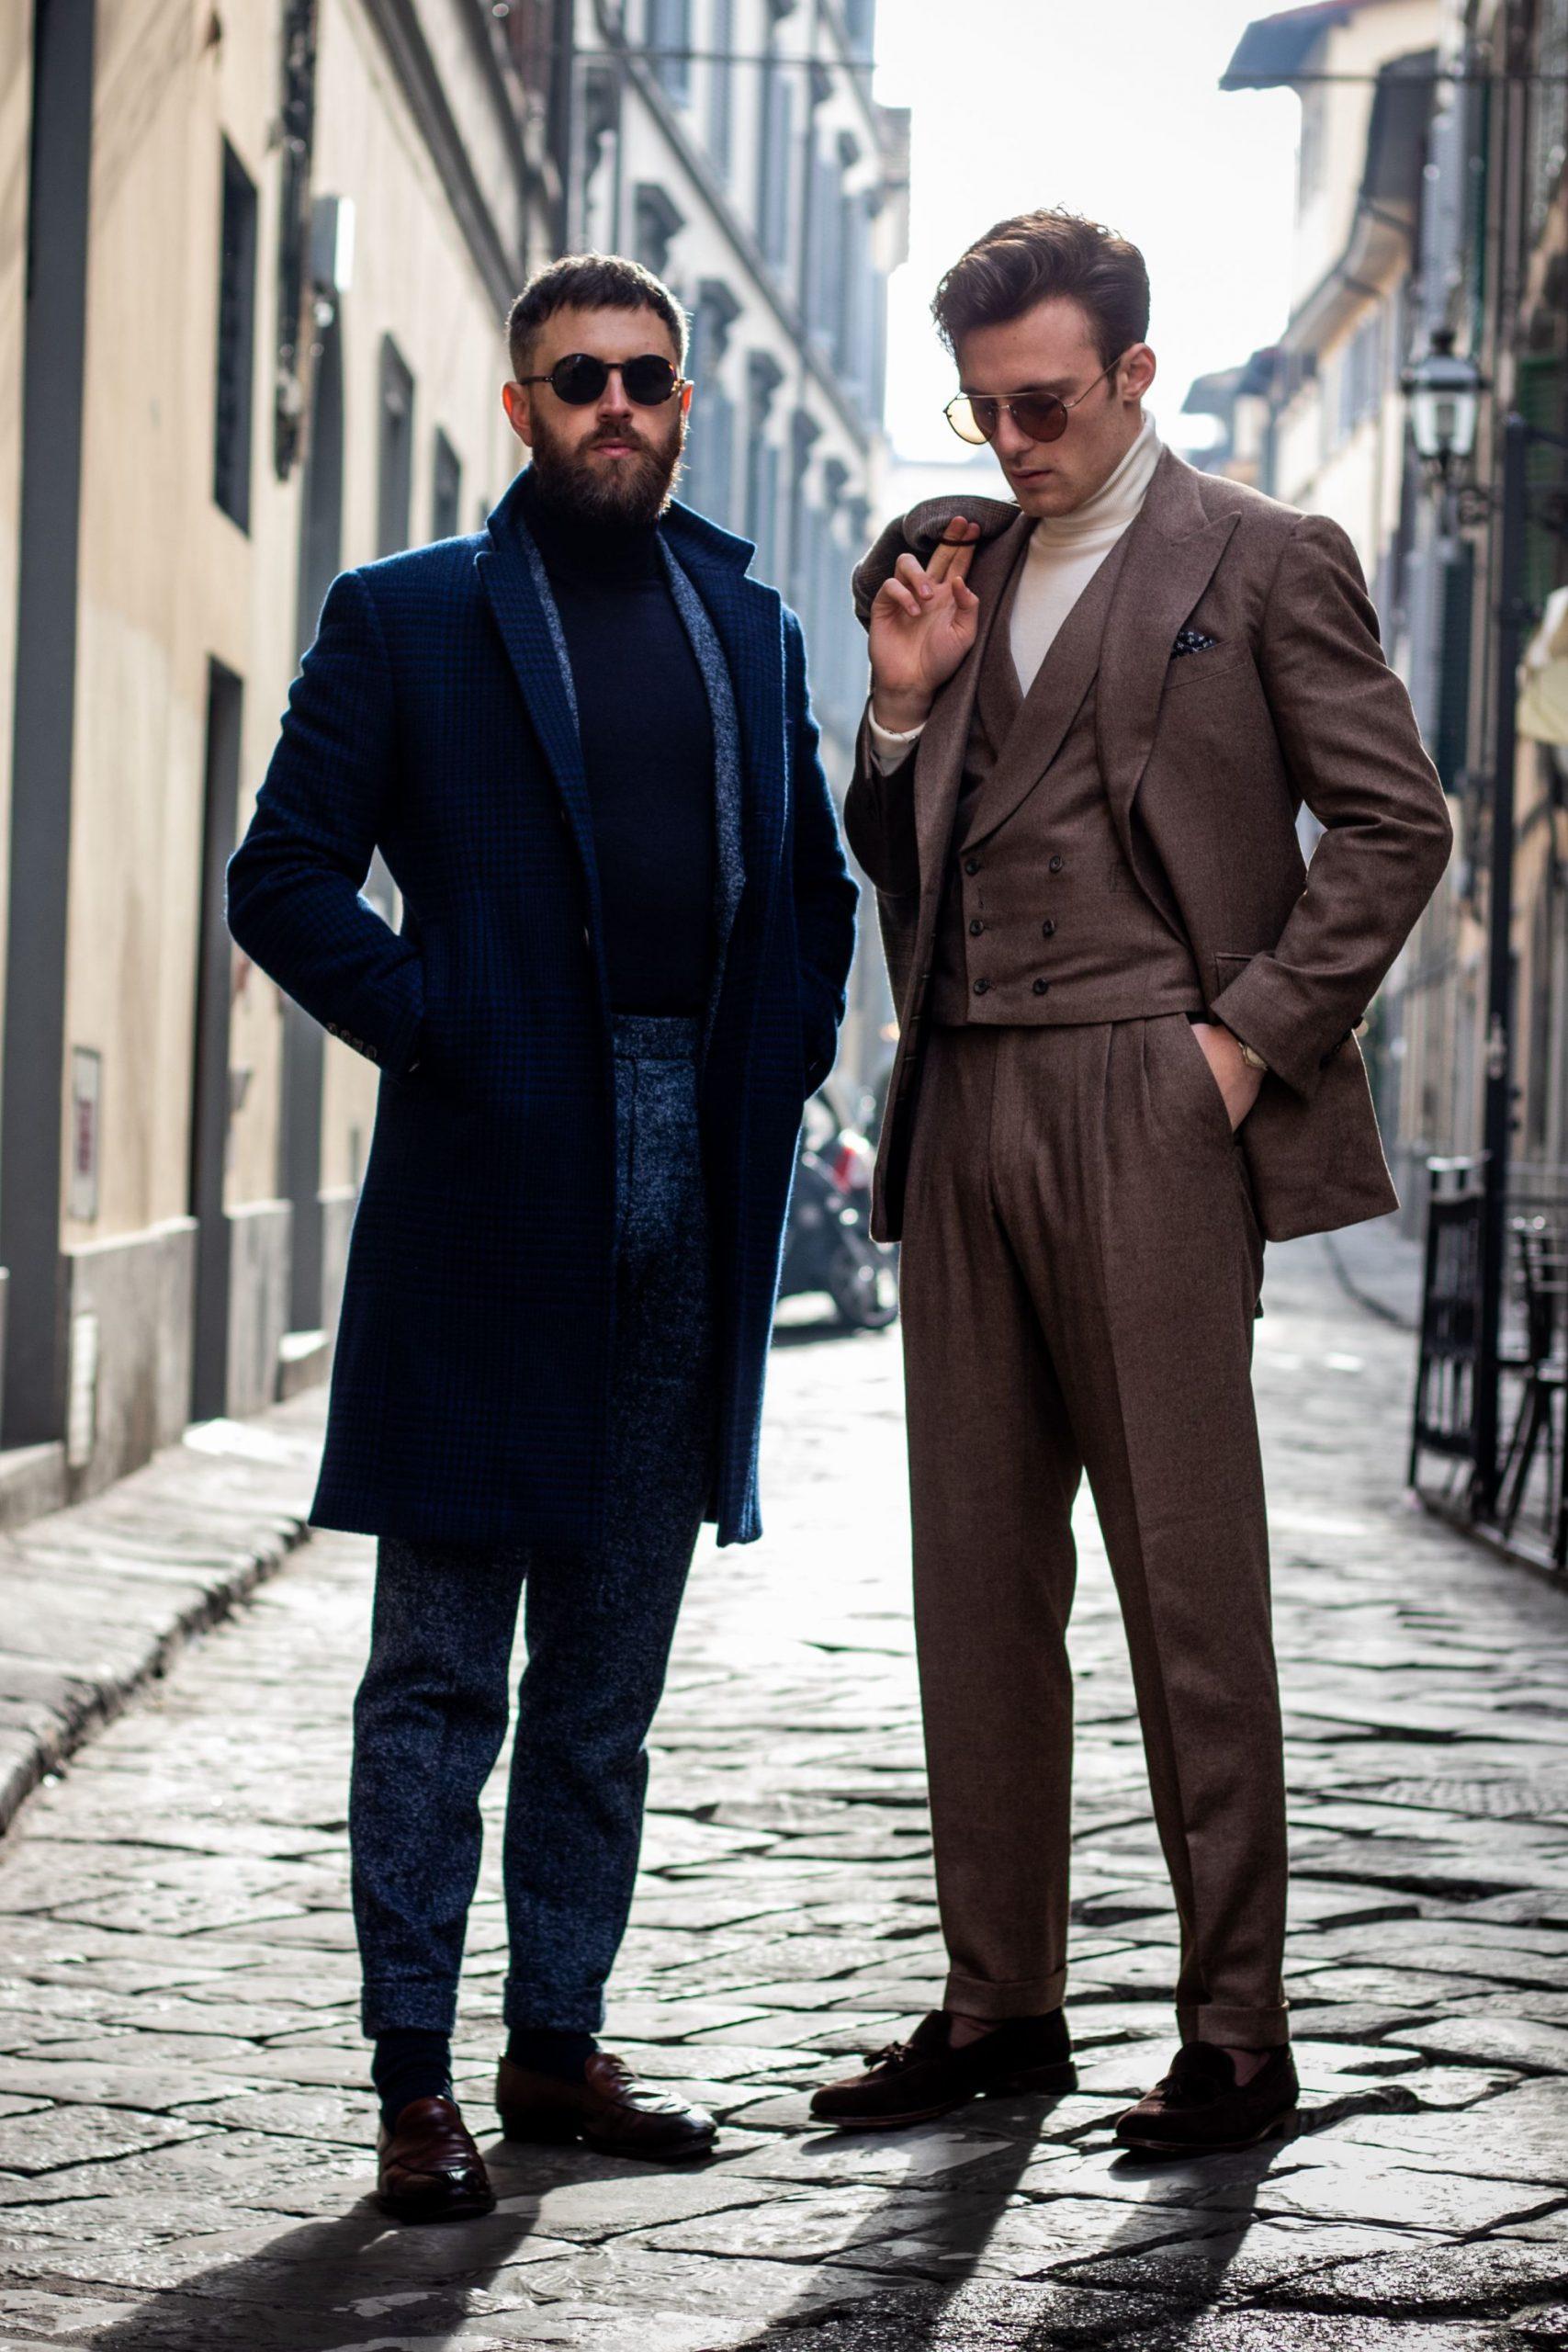 Bespoke Suits at Pitti 95